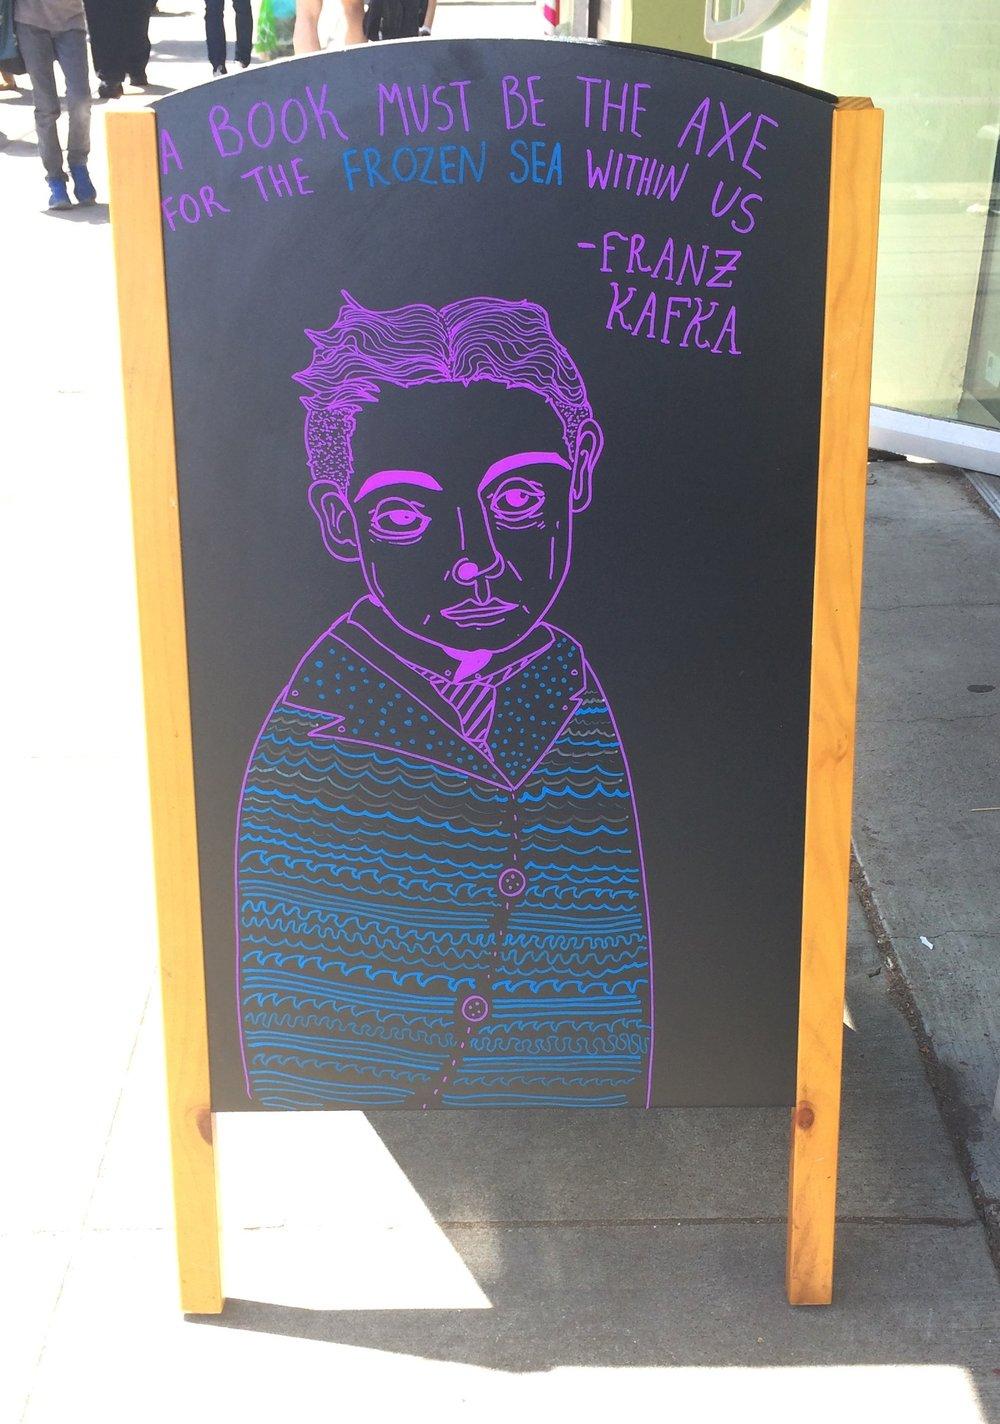 craie Kafka.jpg